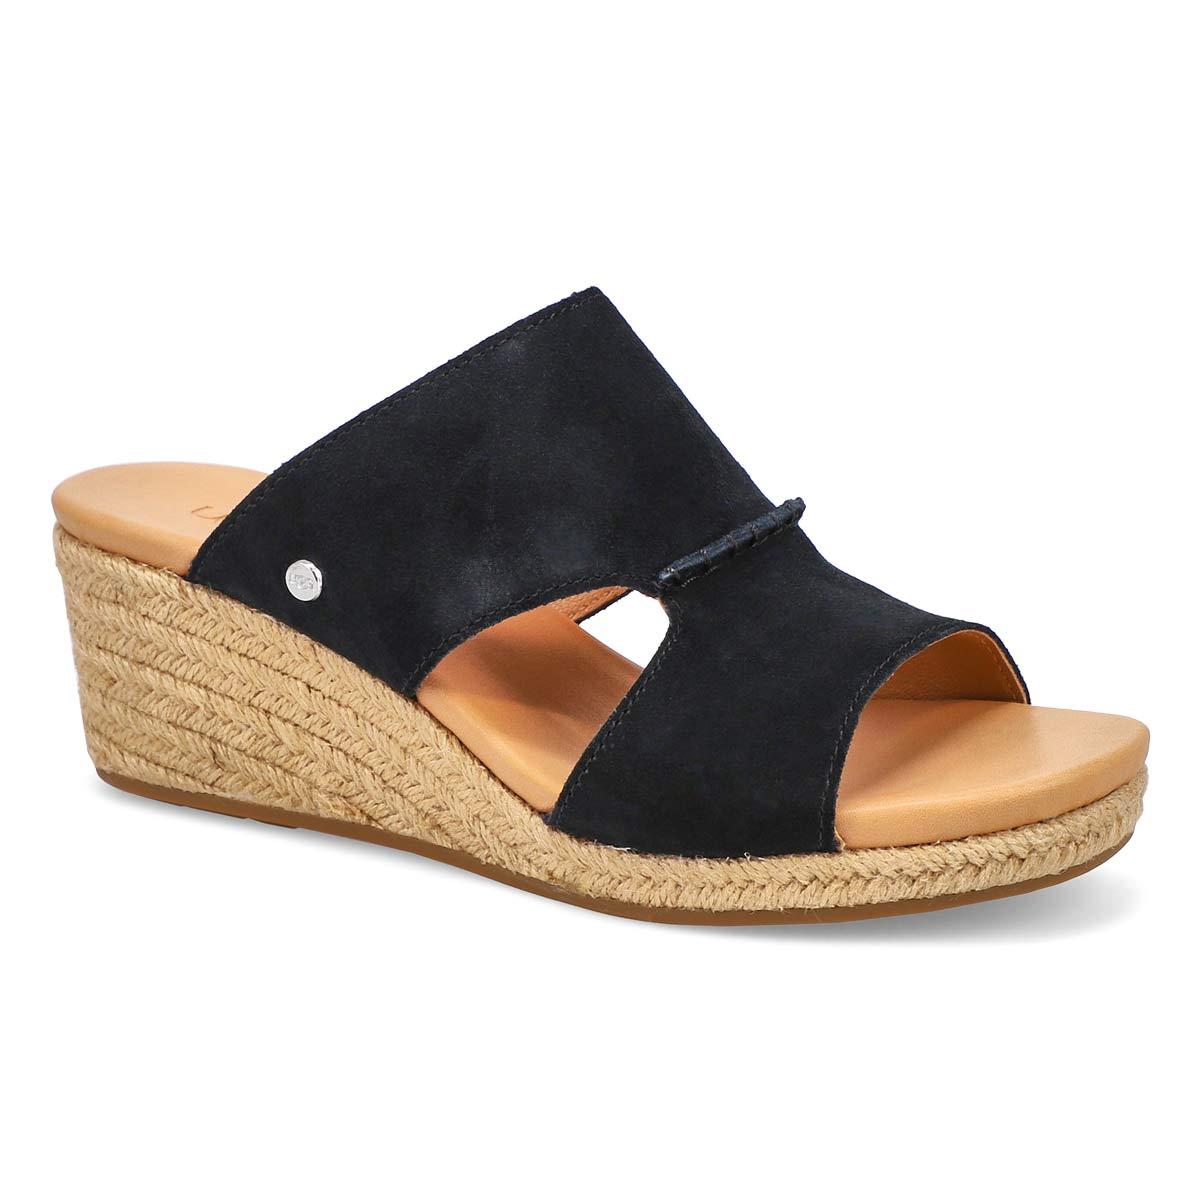 Women's Eirene Slide Sandal - Black